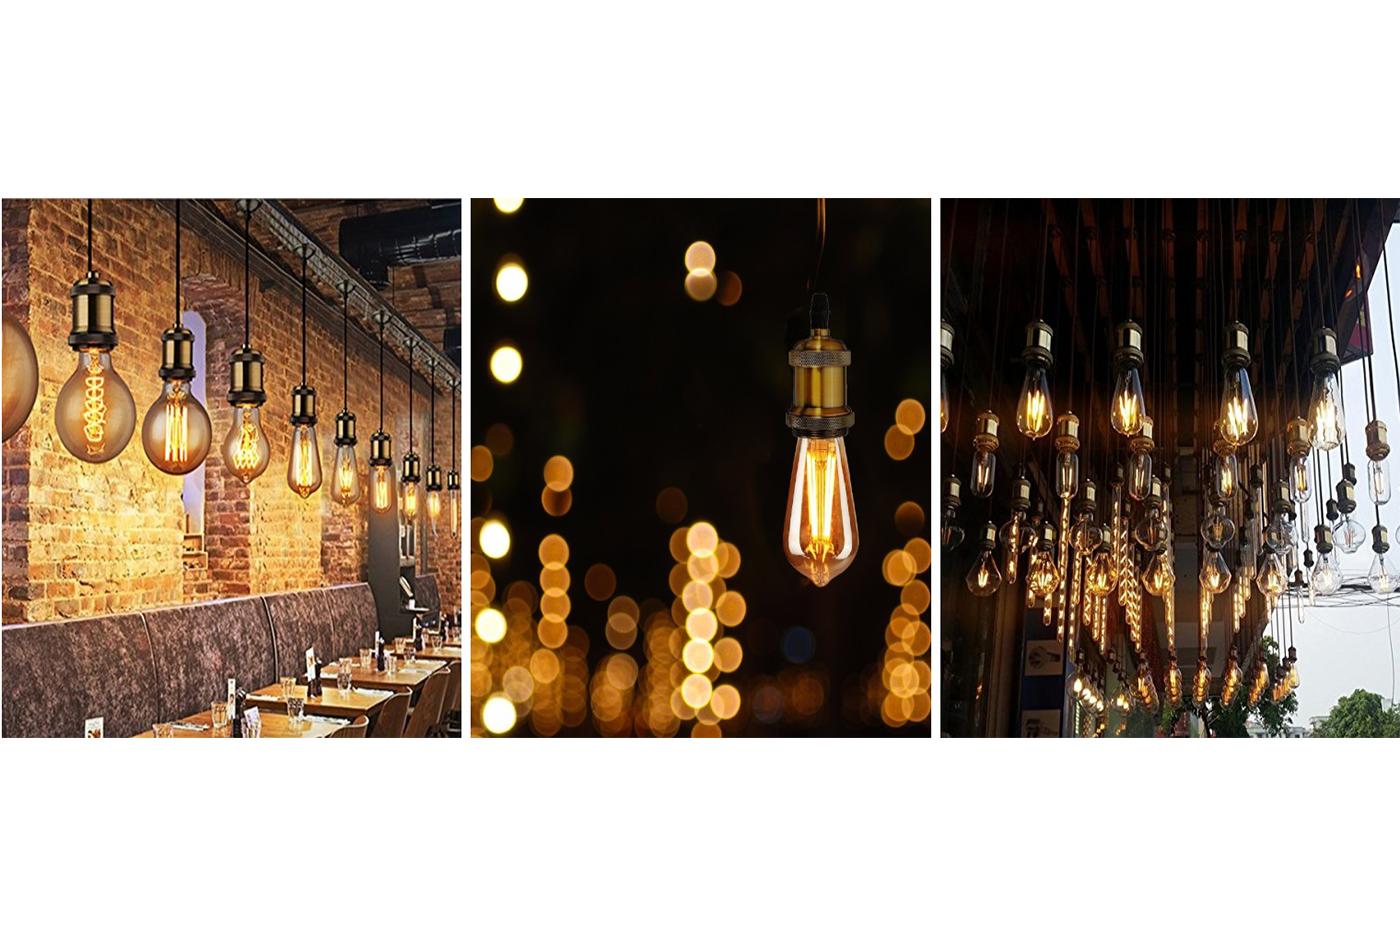 Bes 24958 lampadari beselettronica porta lampada lampadina